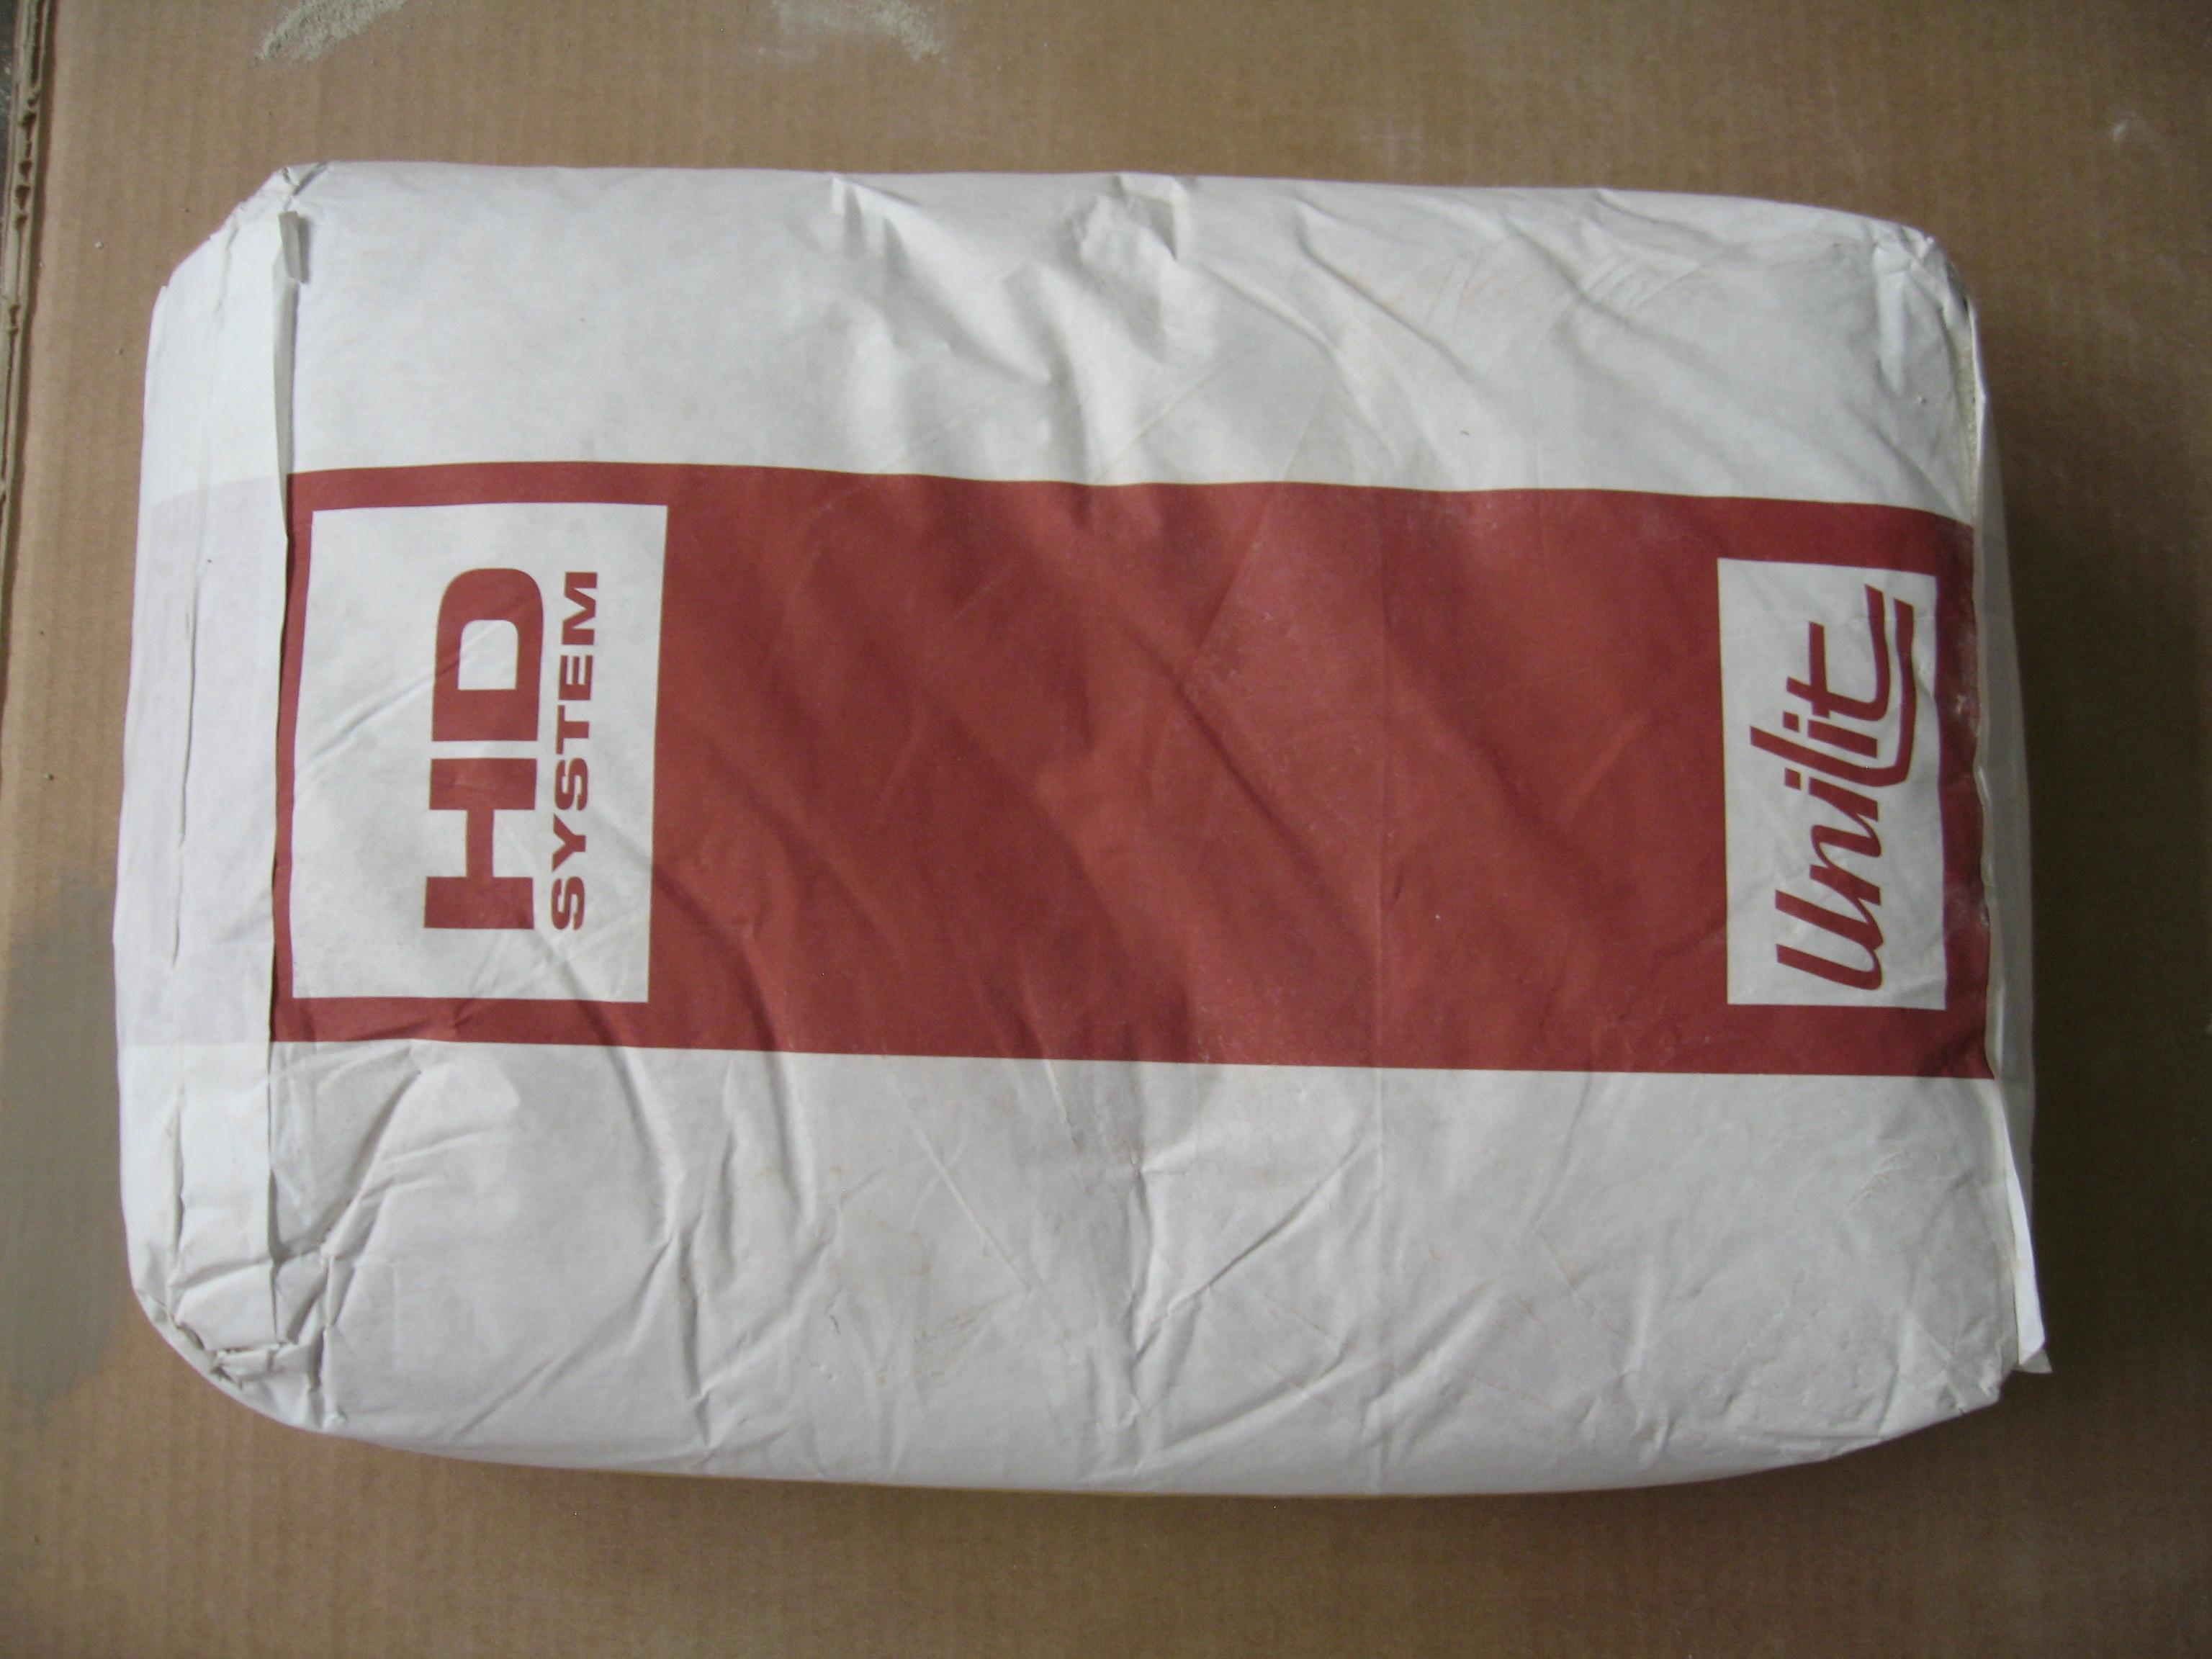 Unilit 10 chaux hydraulique